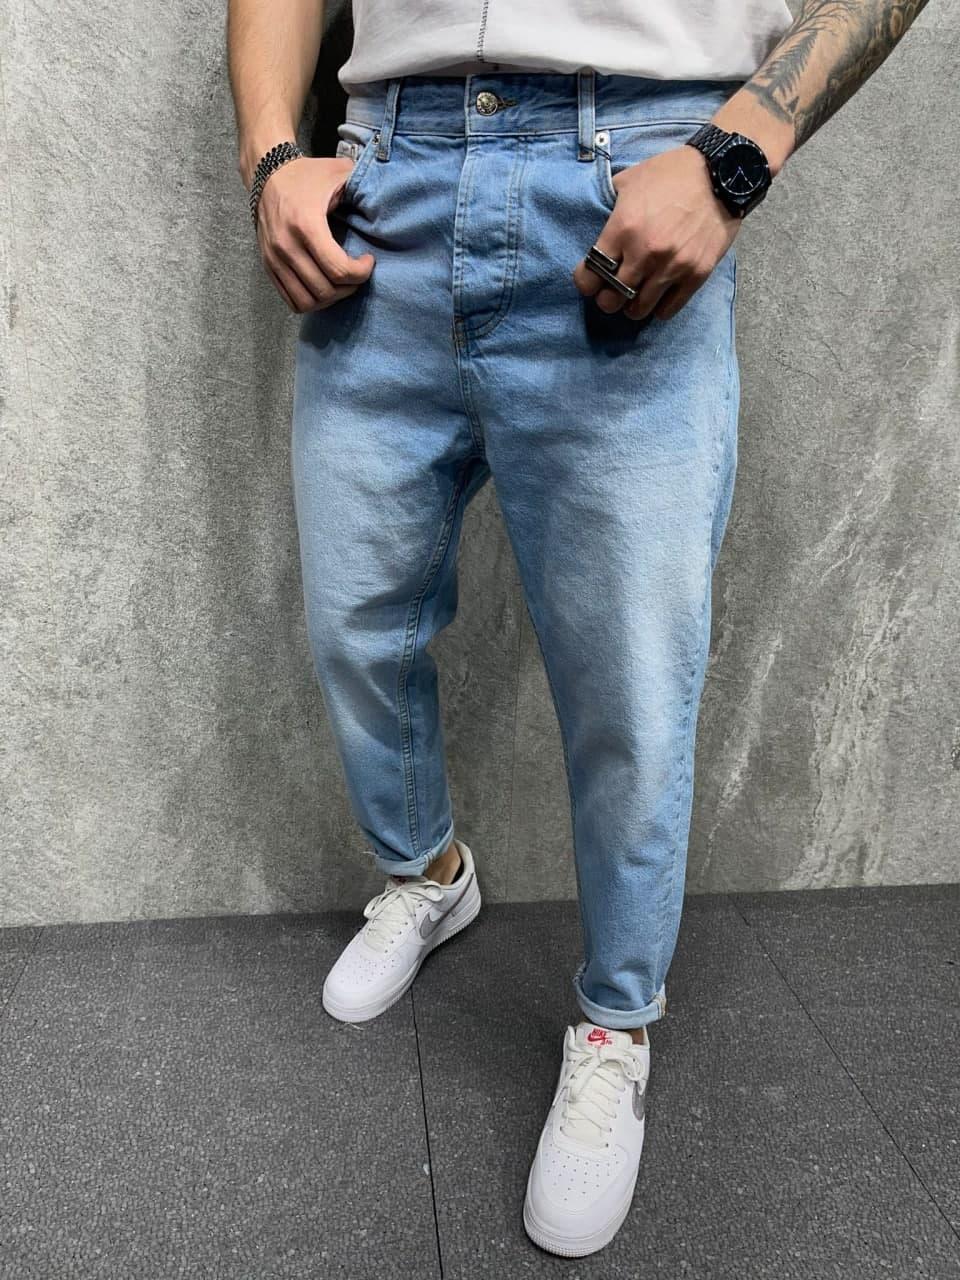 Чоловічі джинси завужені донизу (блакитні) стильні на літо s6296